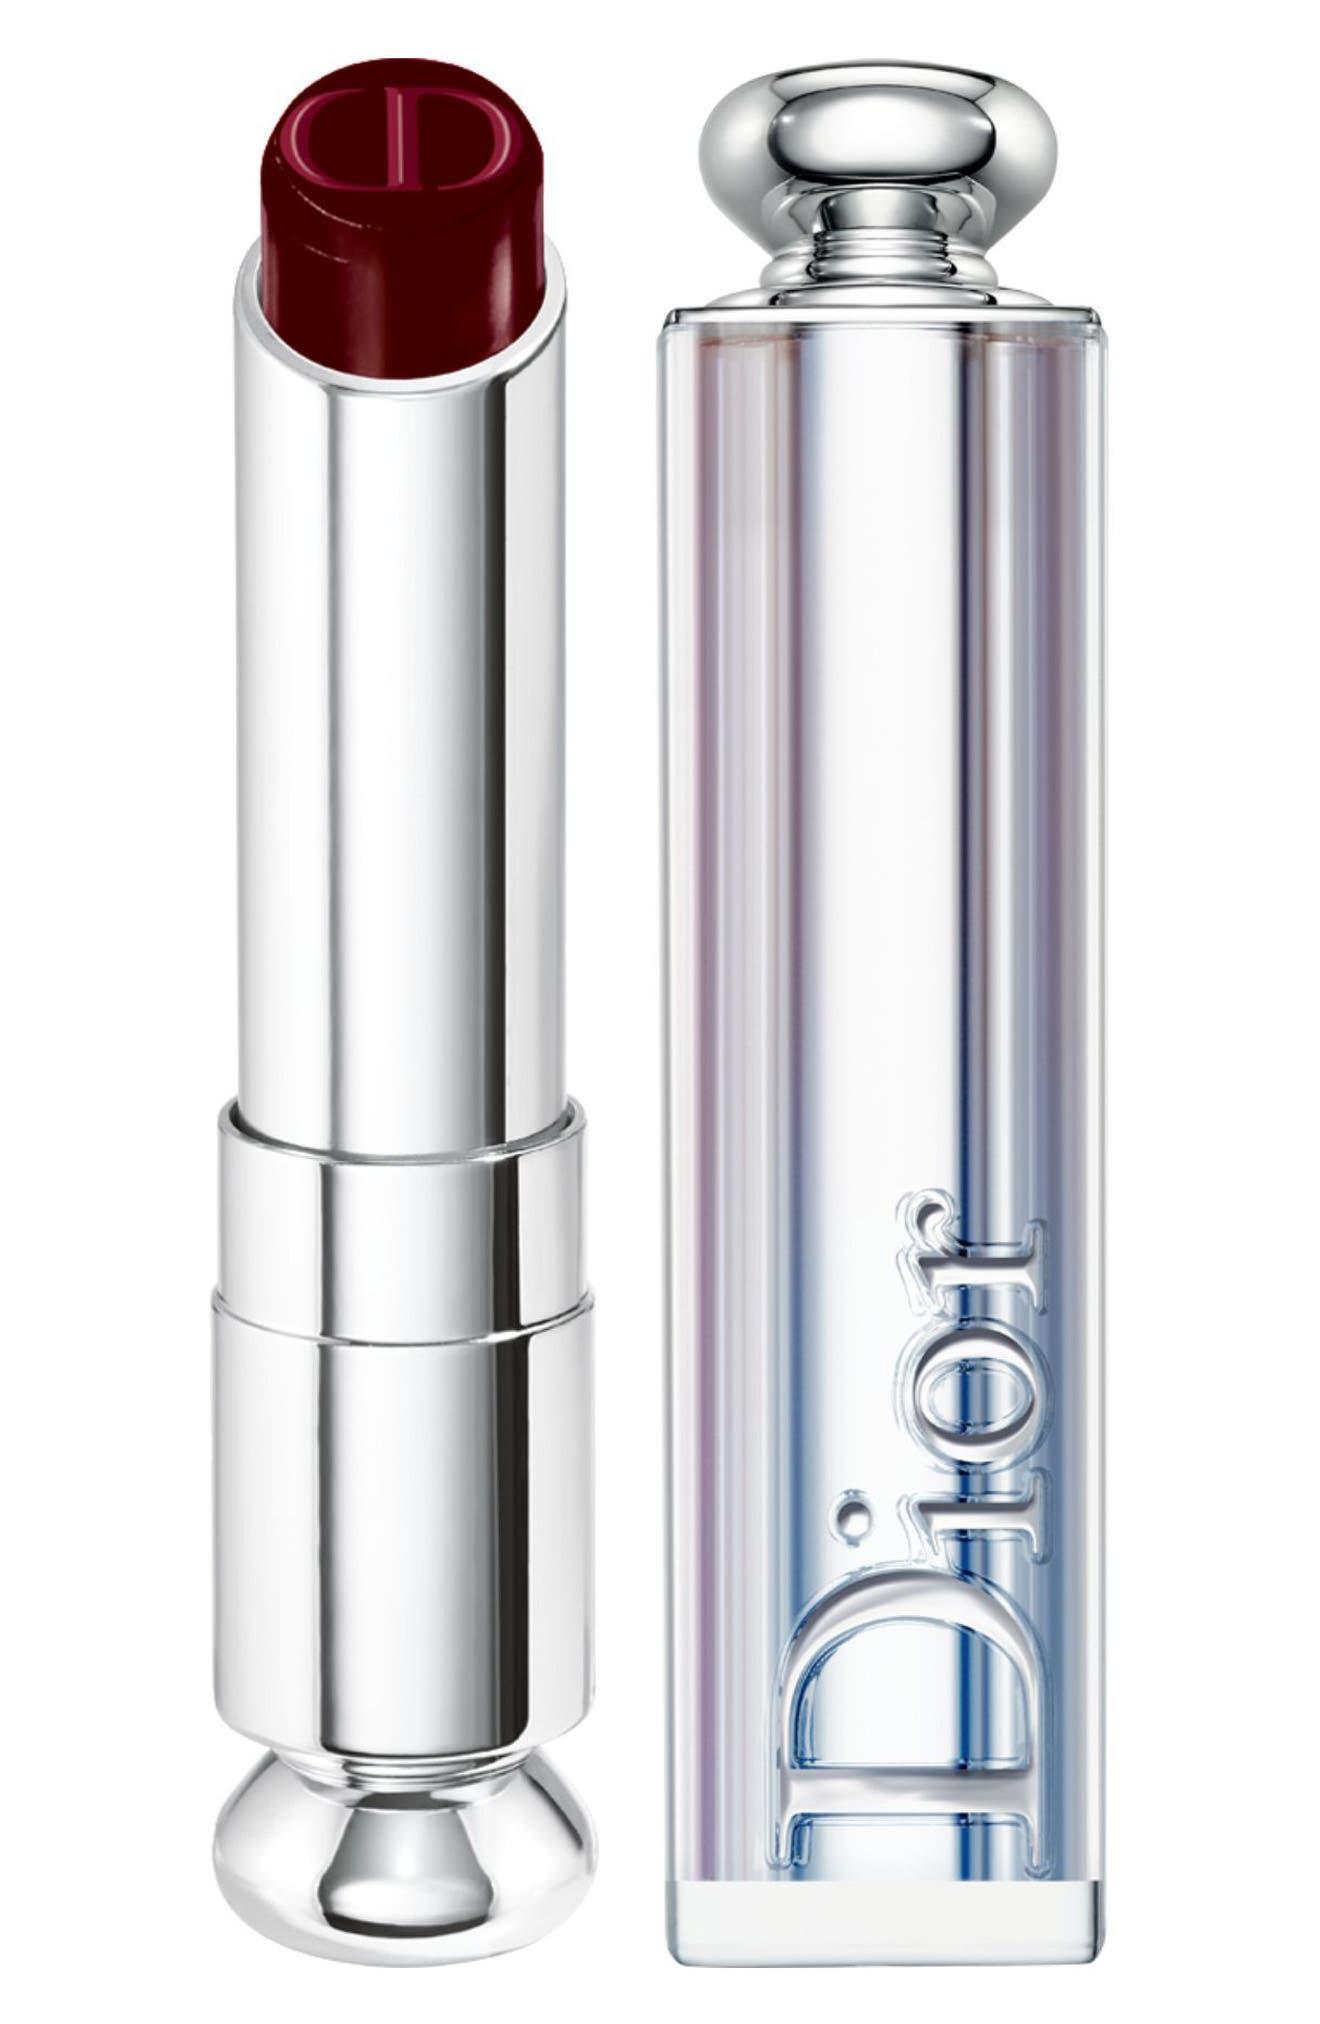 Dior Addict Hydra-Gel Core Mirror Shine Lipstick - 955 Excessive